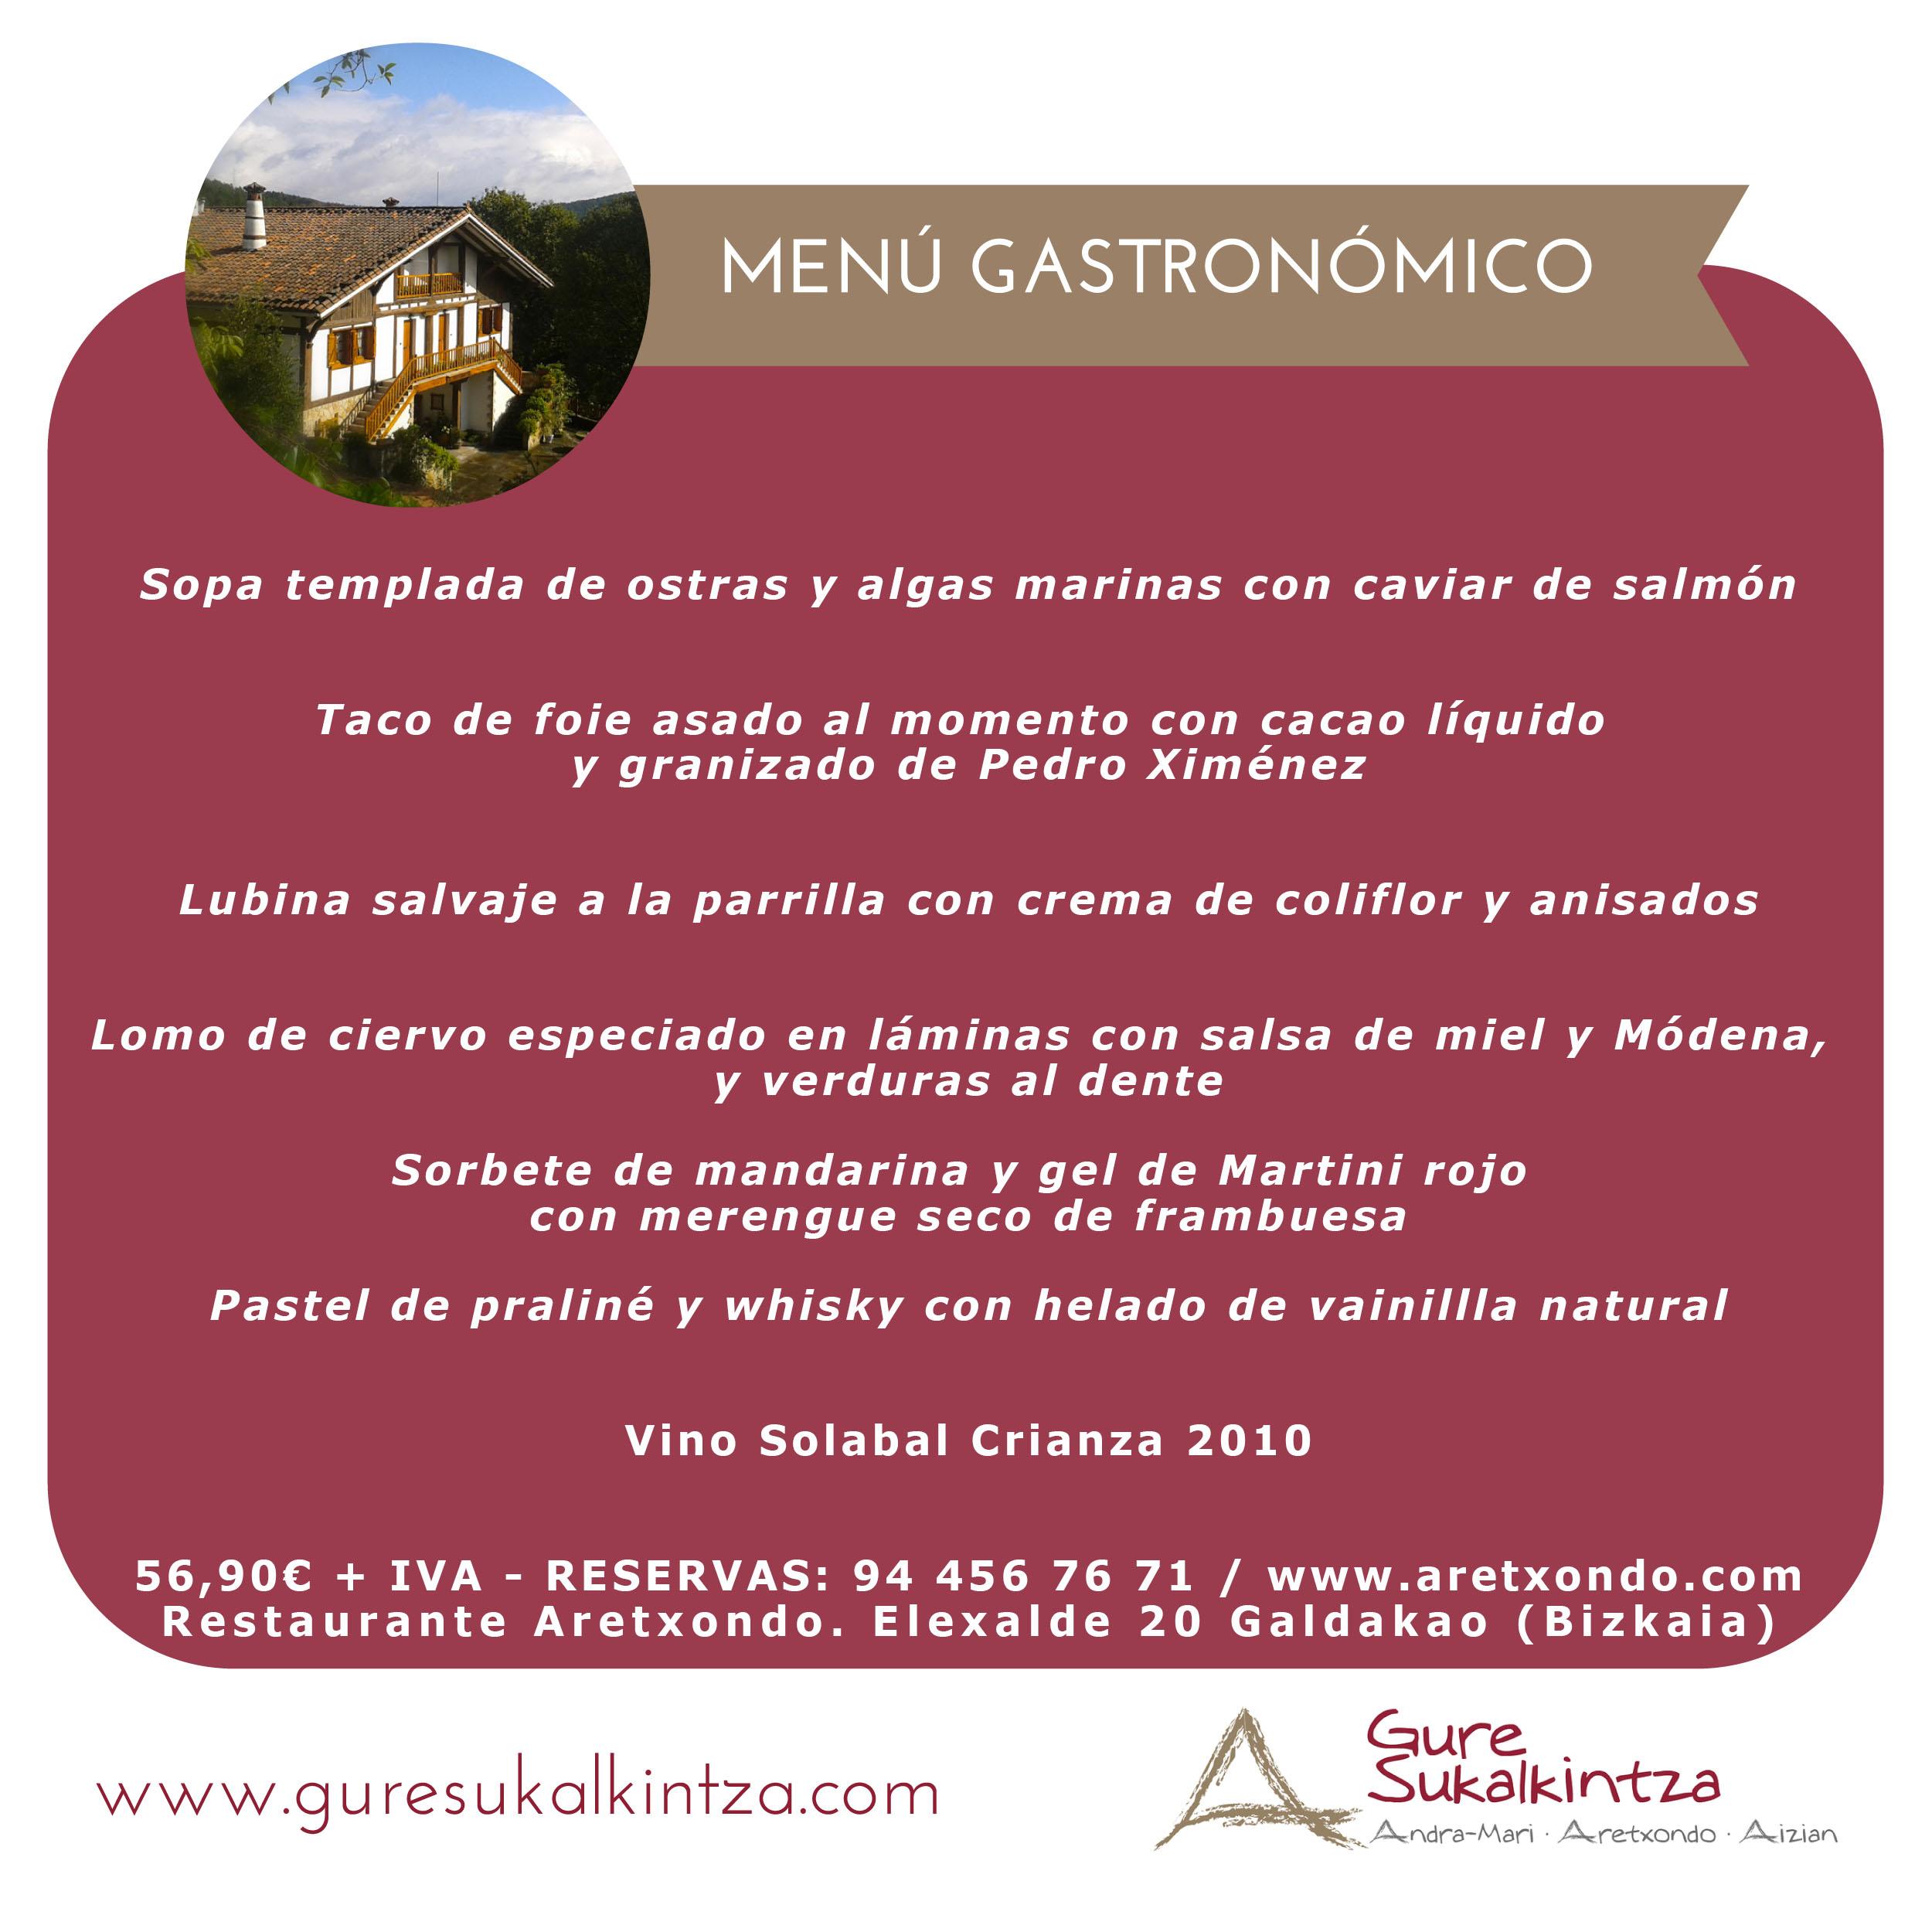 Menú Gastronómico restaurante Aretxondo